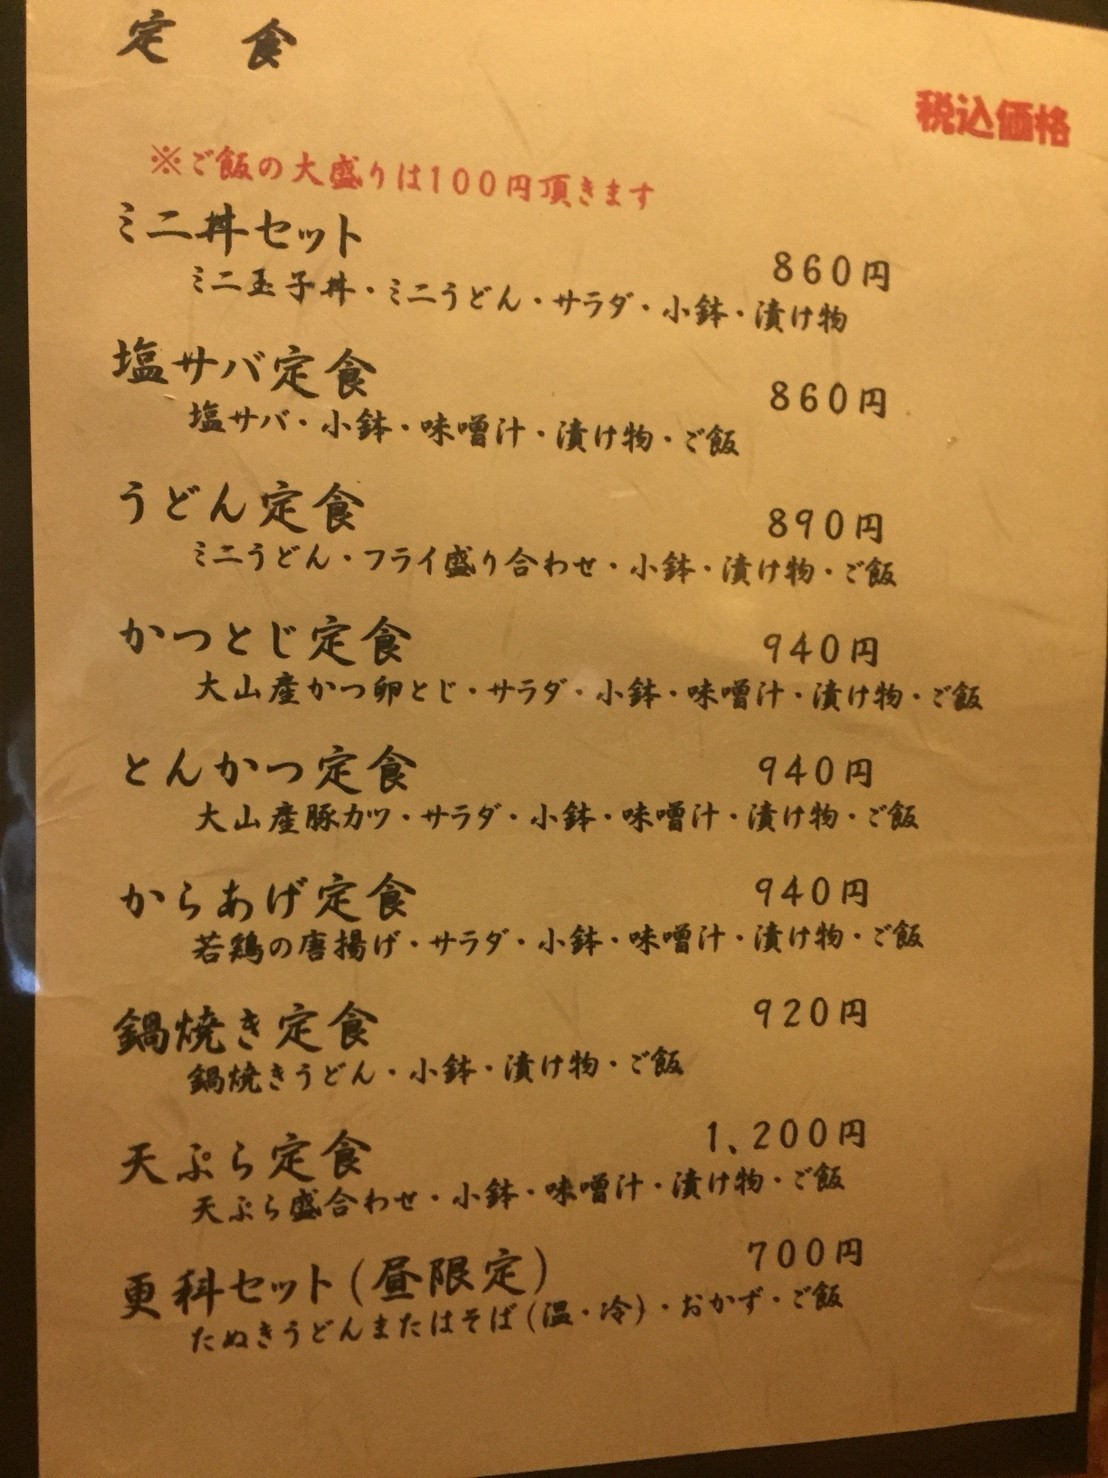 お食事の店 更科 湖山  お品書き記録_e0115904_05055560.jpg